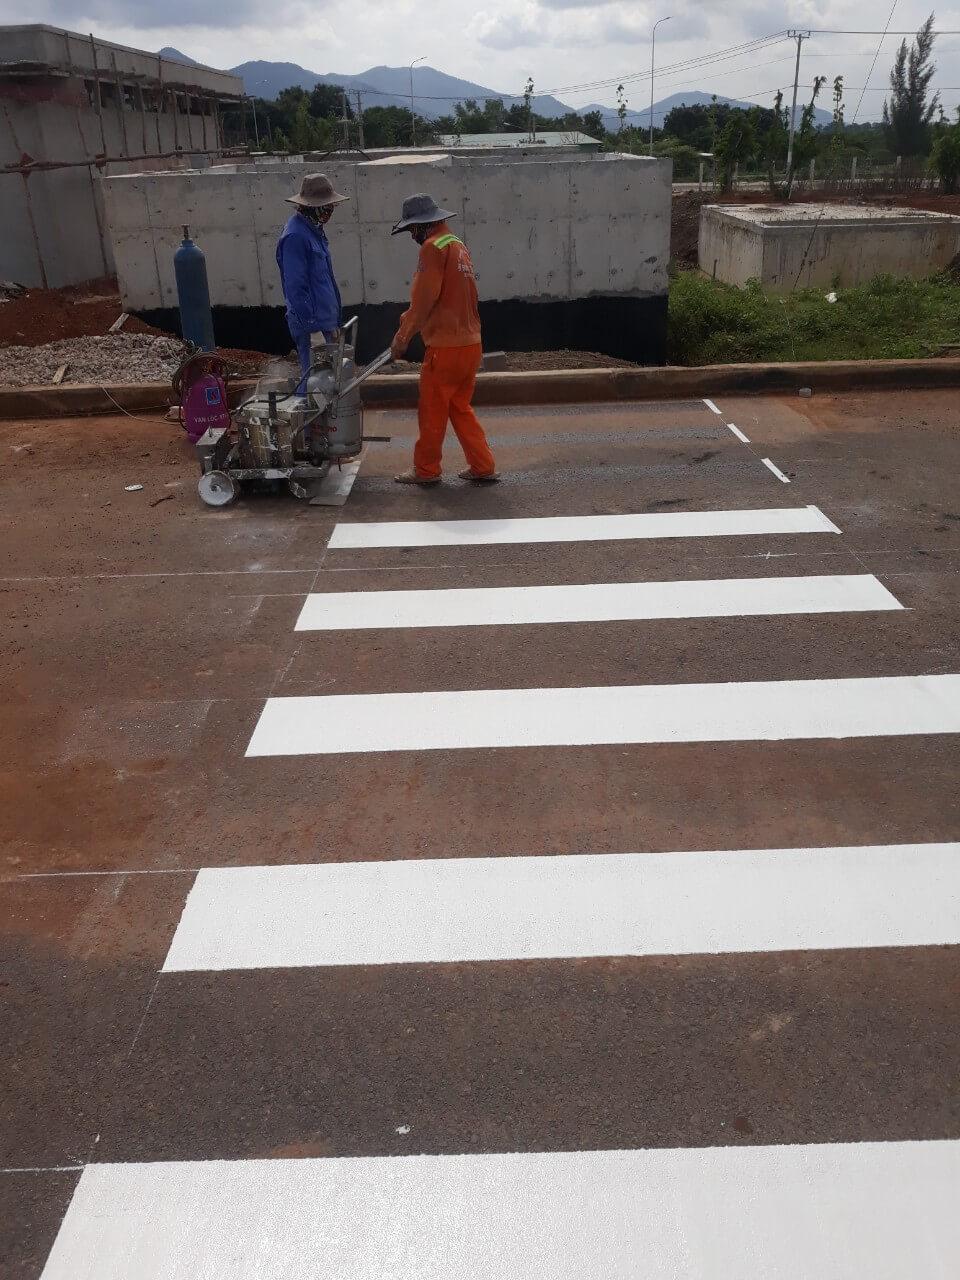 Sơn phản quang được sử dụng để kẻ vạch phân làn giao thông